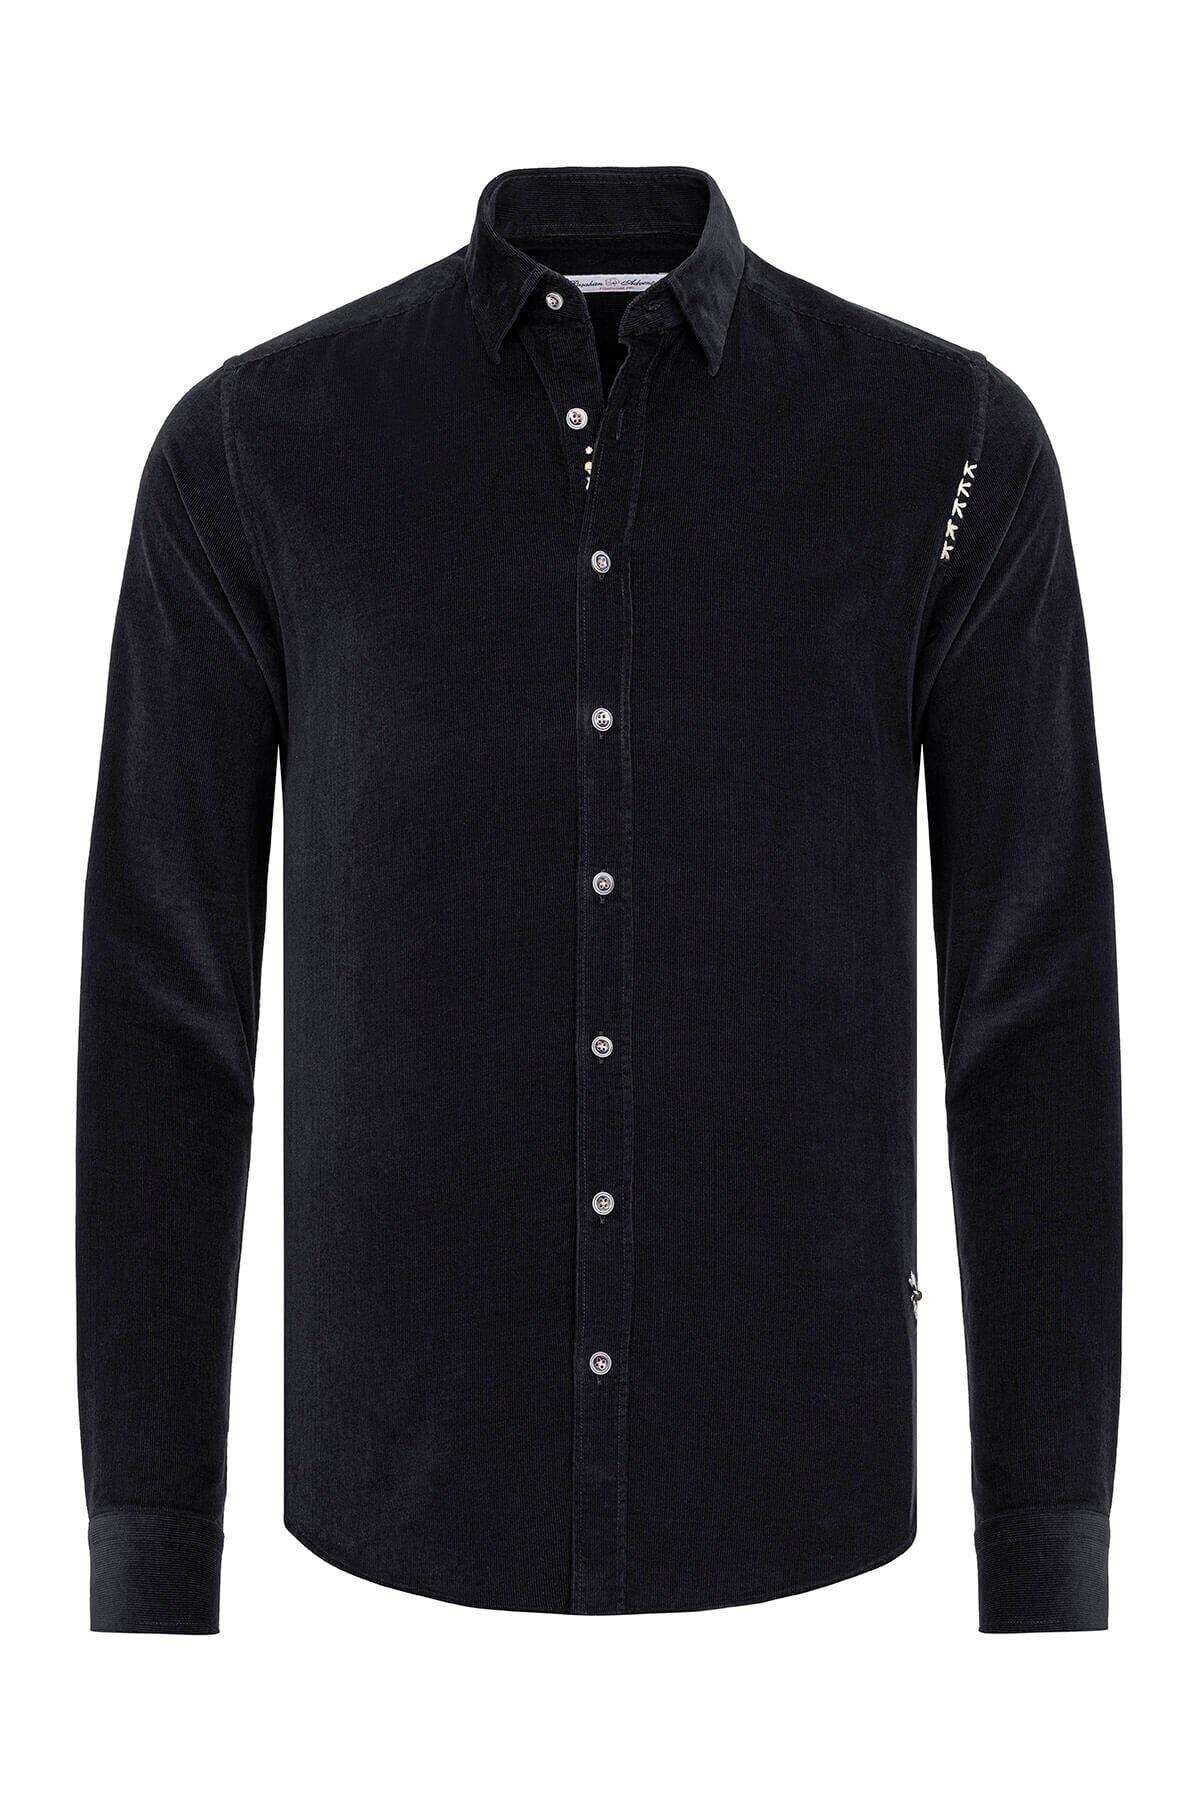 Paşahan Erkek Siyah Kadife Slim Fit Gömlek 1